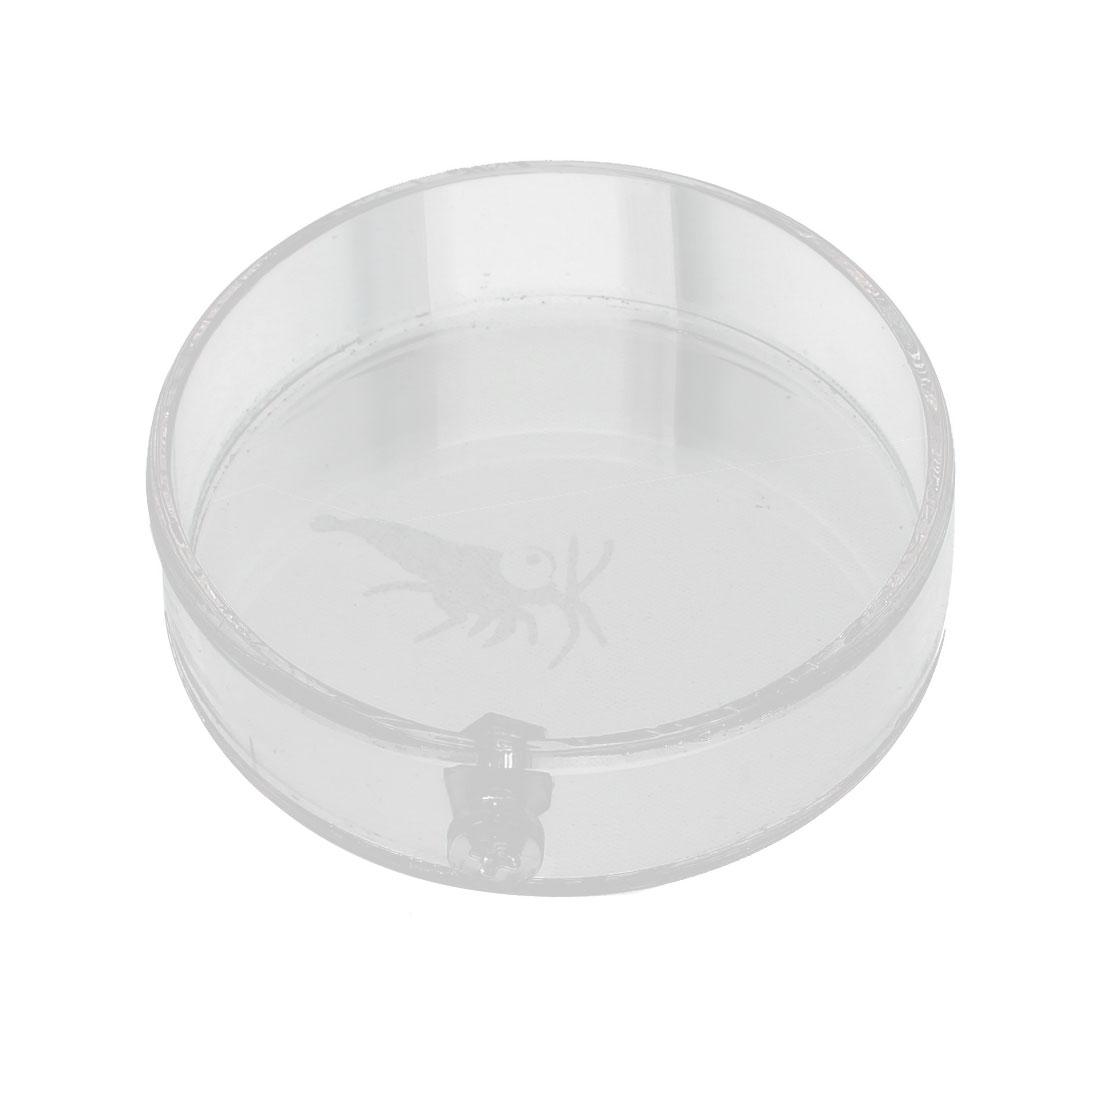 Aquarium Plastic Round Shaped Feeder Dish Plate Vessel Clear 6cm Dia for Shrimp